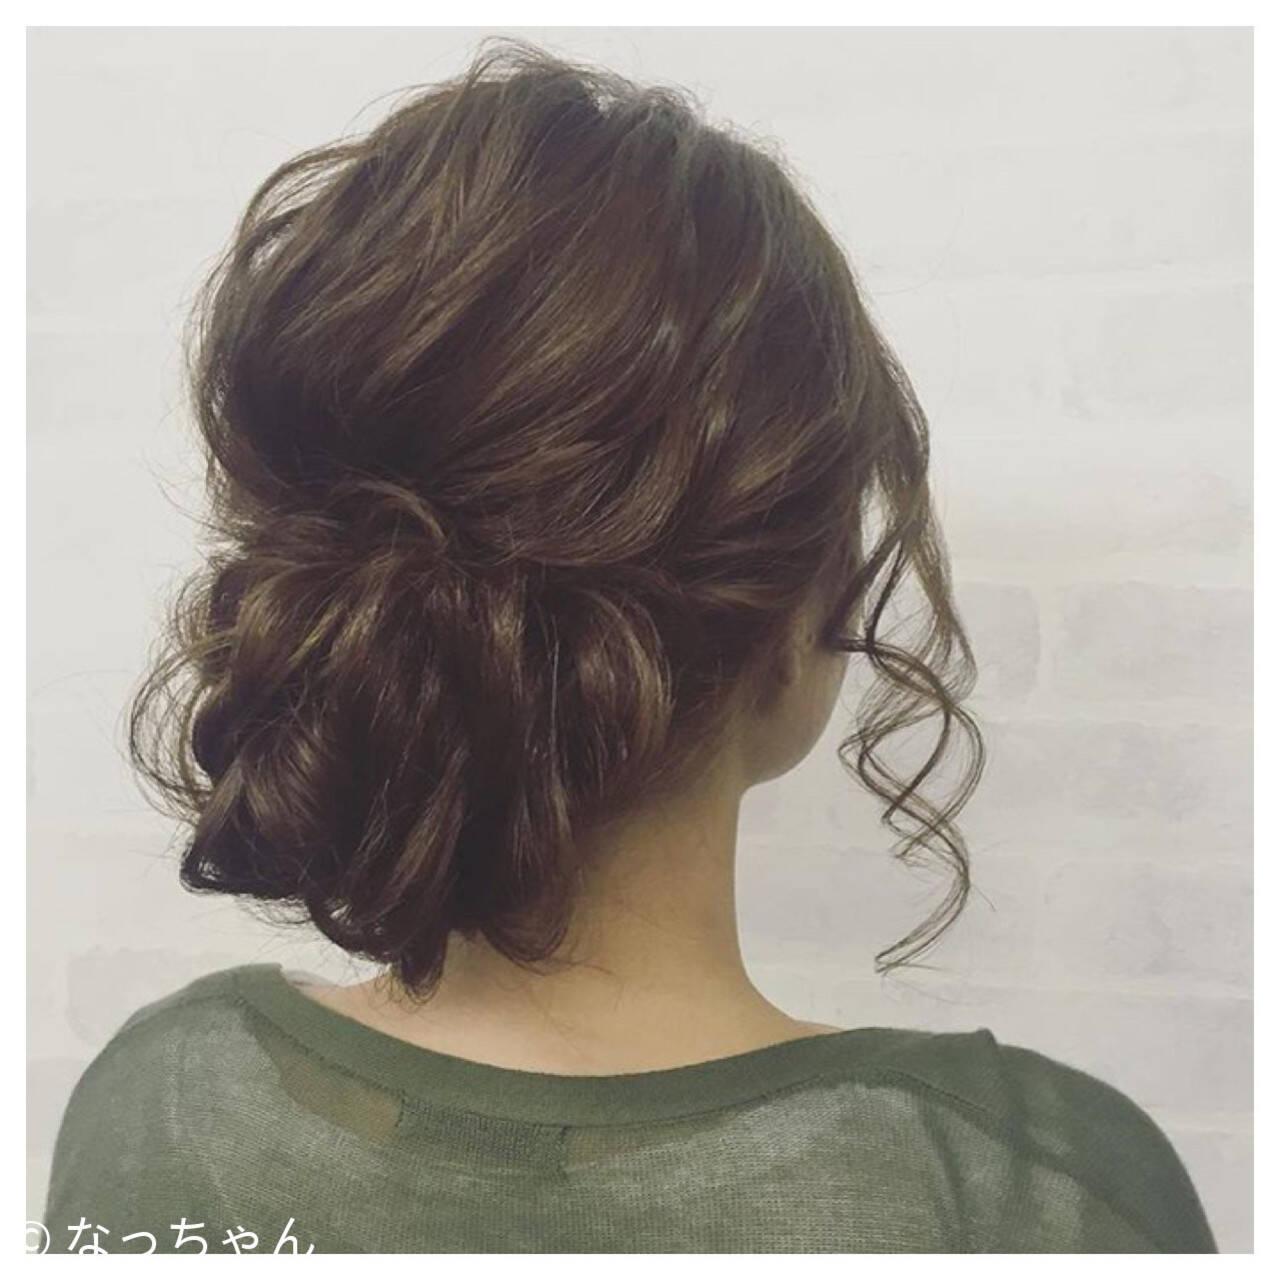 アップスタイル ロング パーティ ヘアアレンジヘアスタイルや髪型の写真・画像